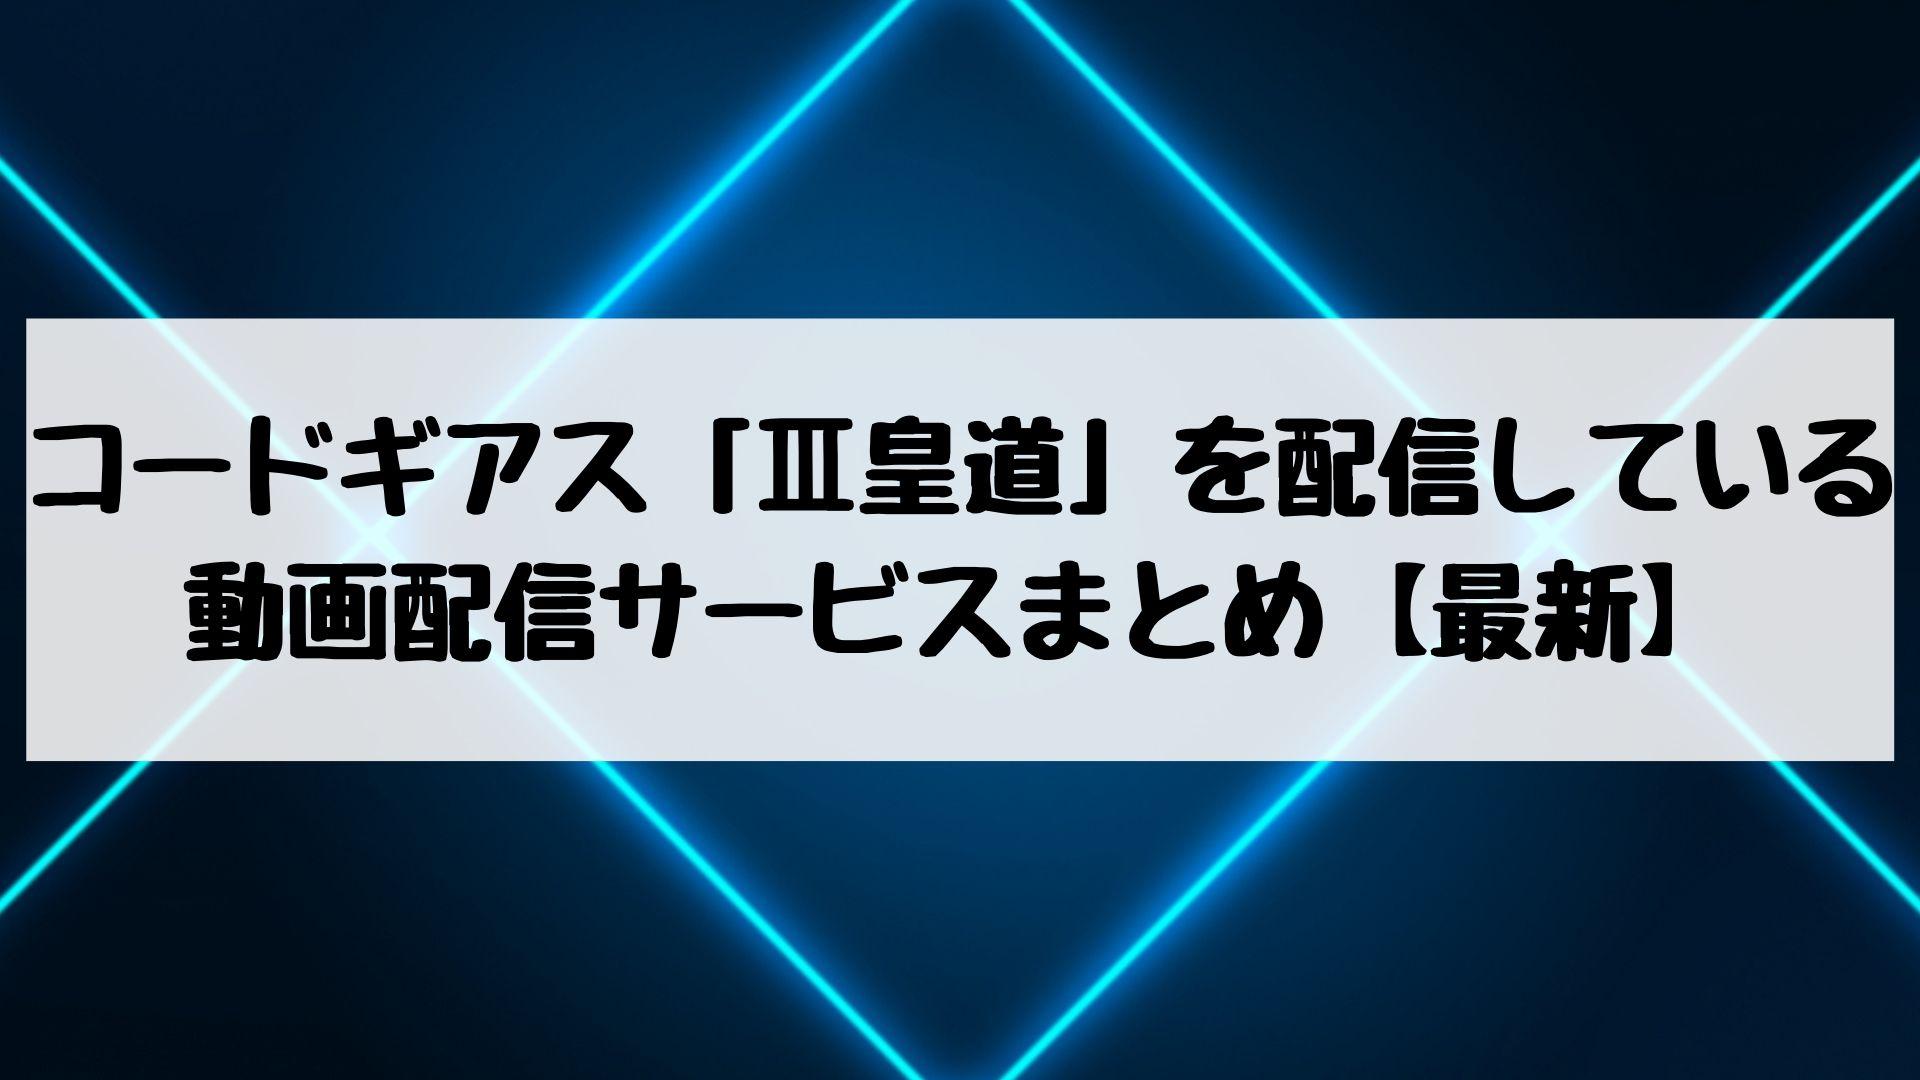 コードギアス「Ⅲ皇道」を配信している動画配信サービスを網羅【2019年6月最新】